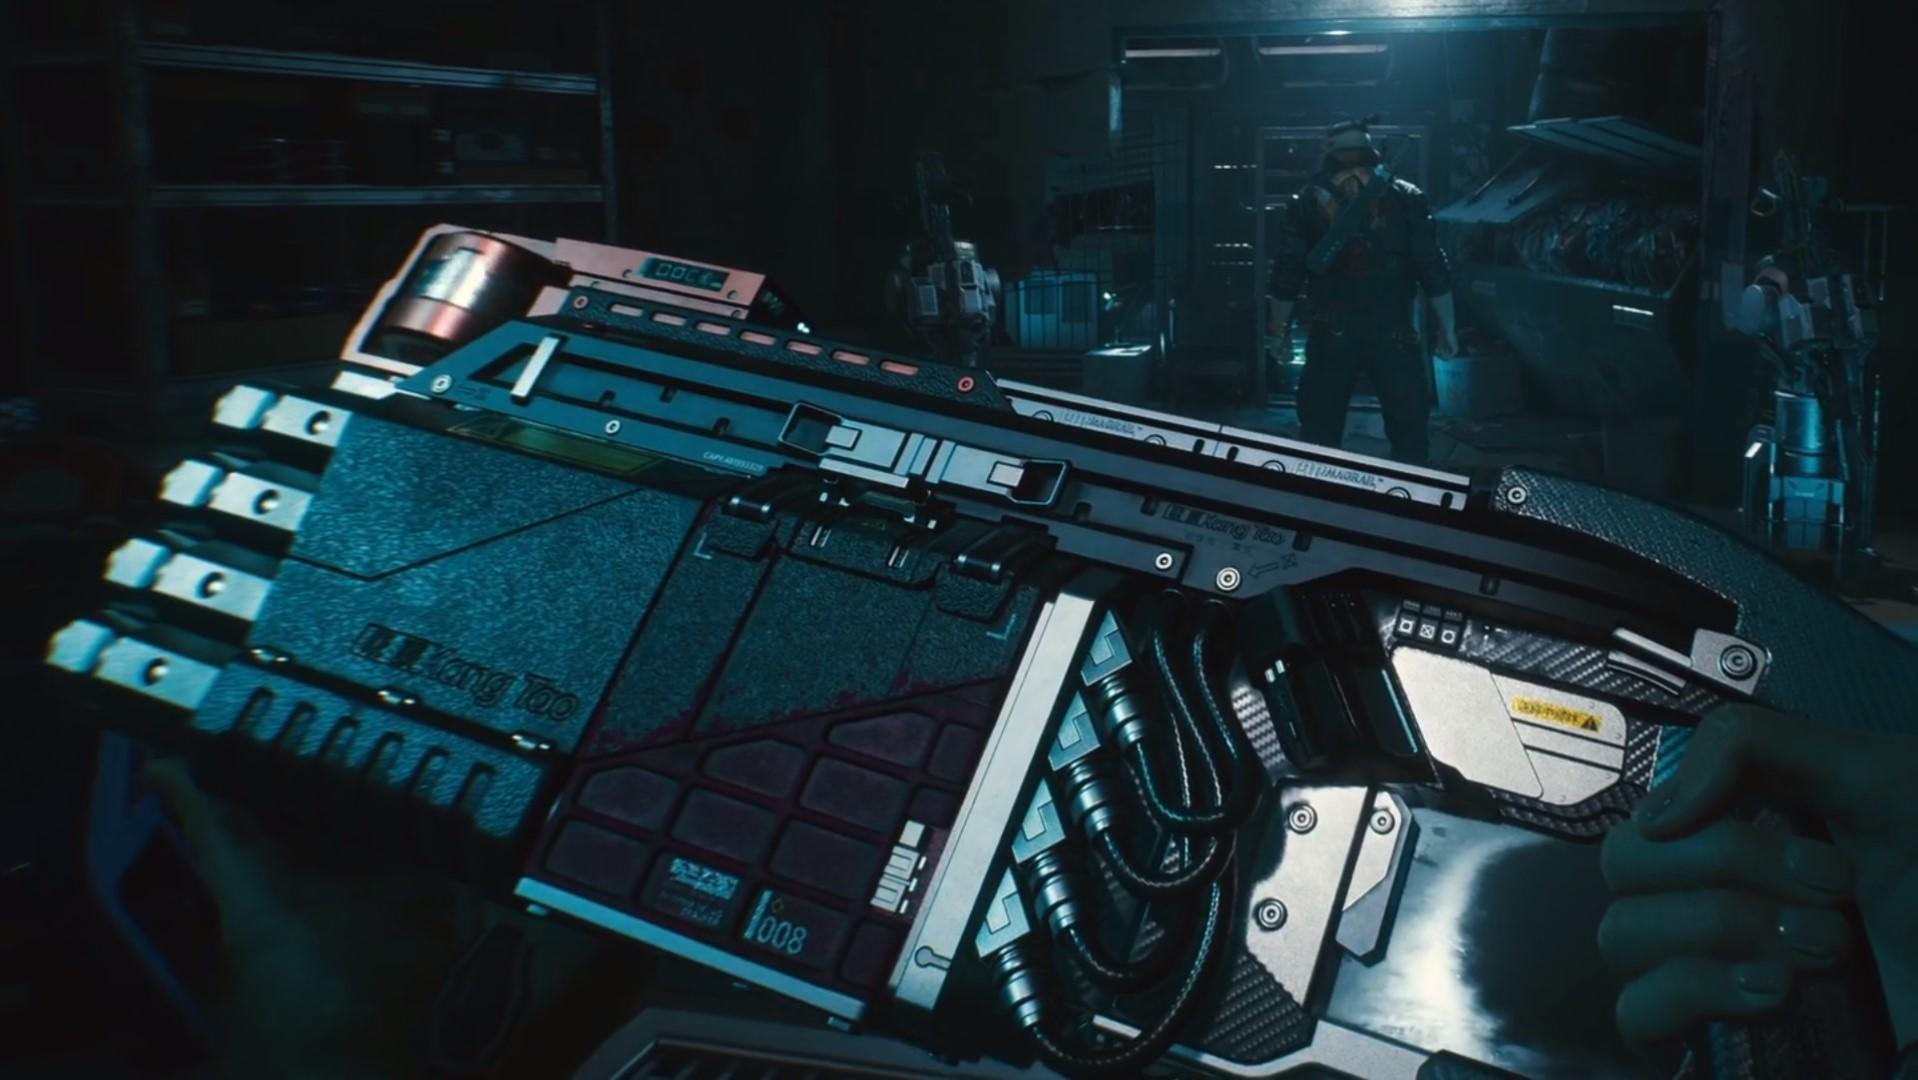 Cyberpunk 2077 has an eight-barreled aimbot shotgun